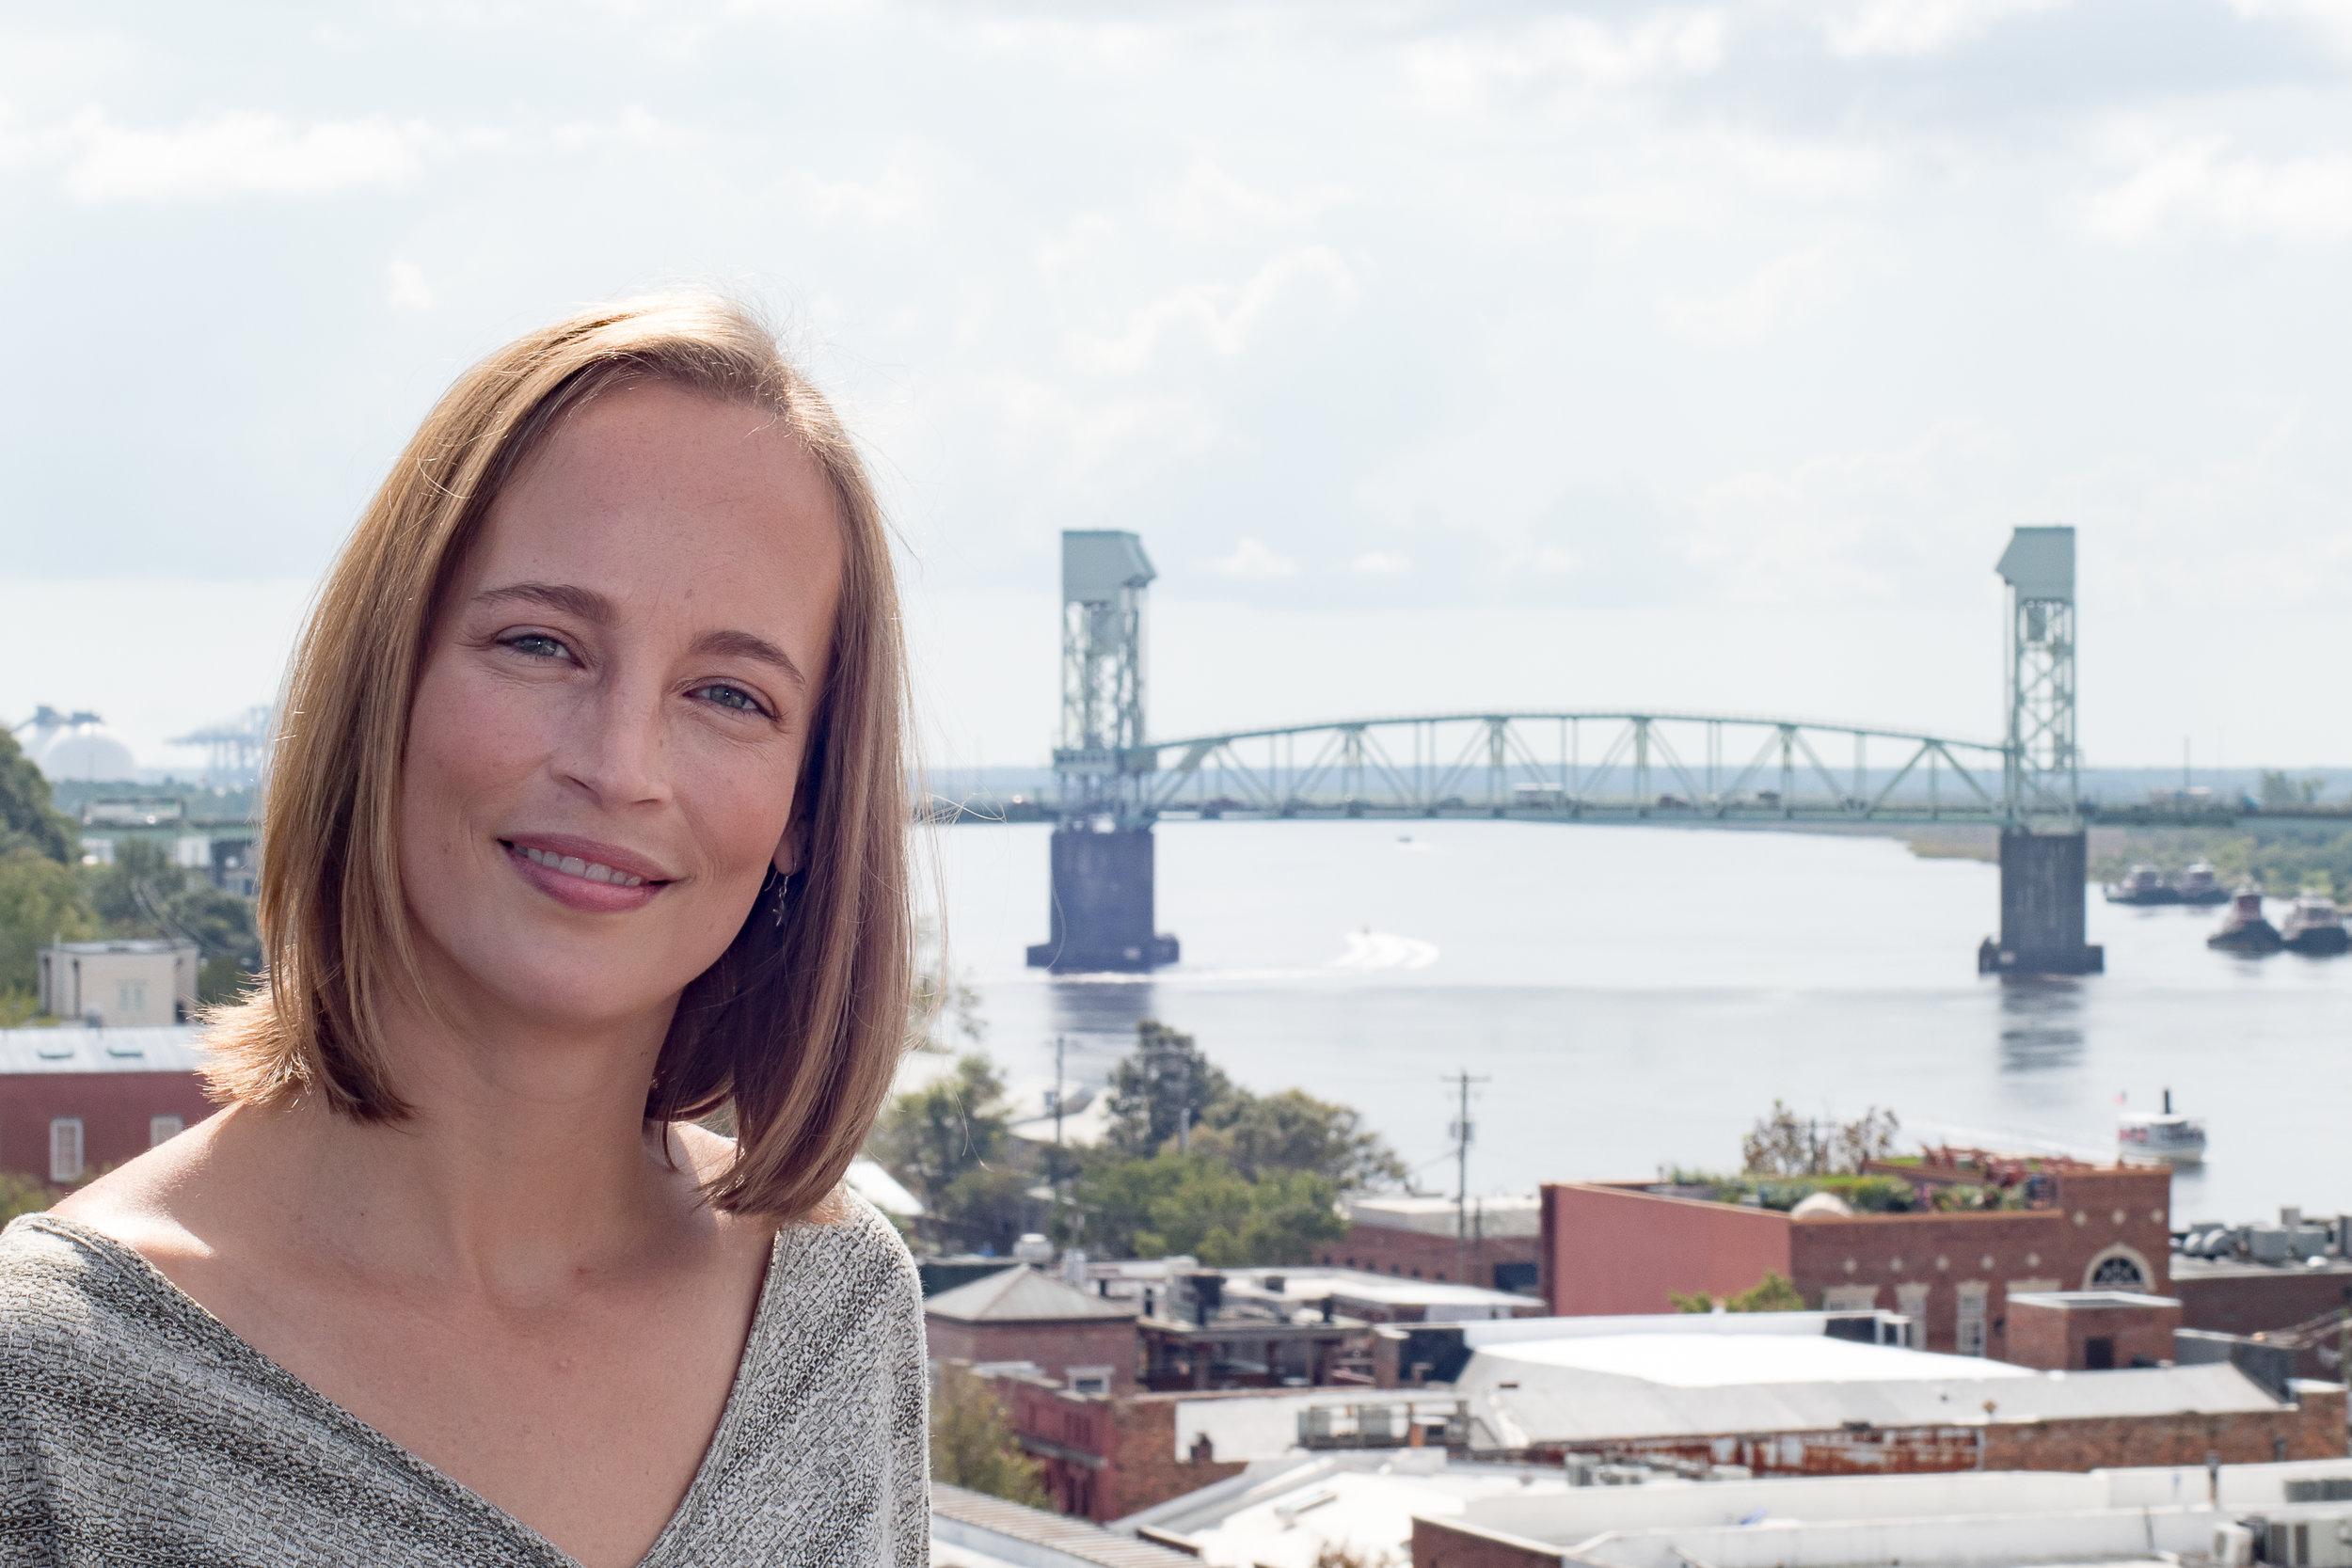 - Headshot overlooking Cape Fear Memorial Bridge in Downtown Wilmington, NC.